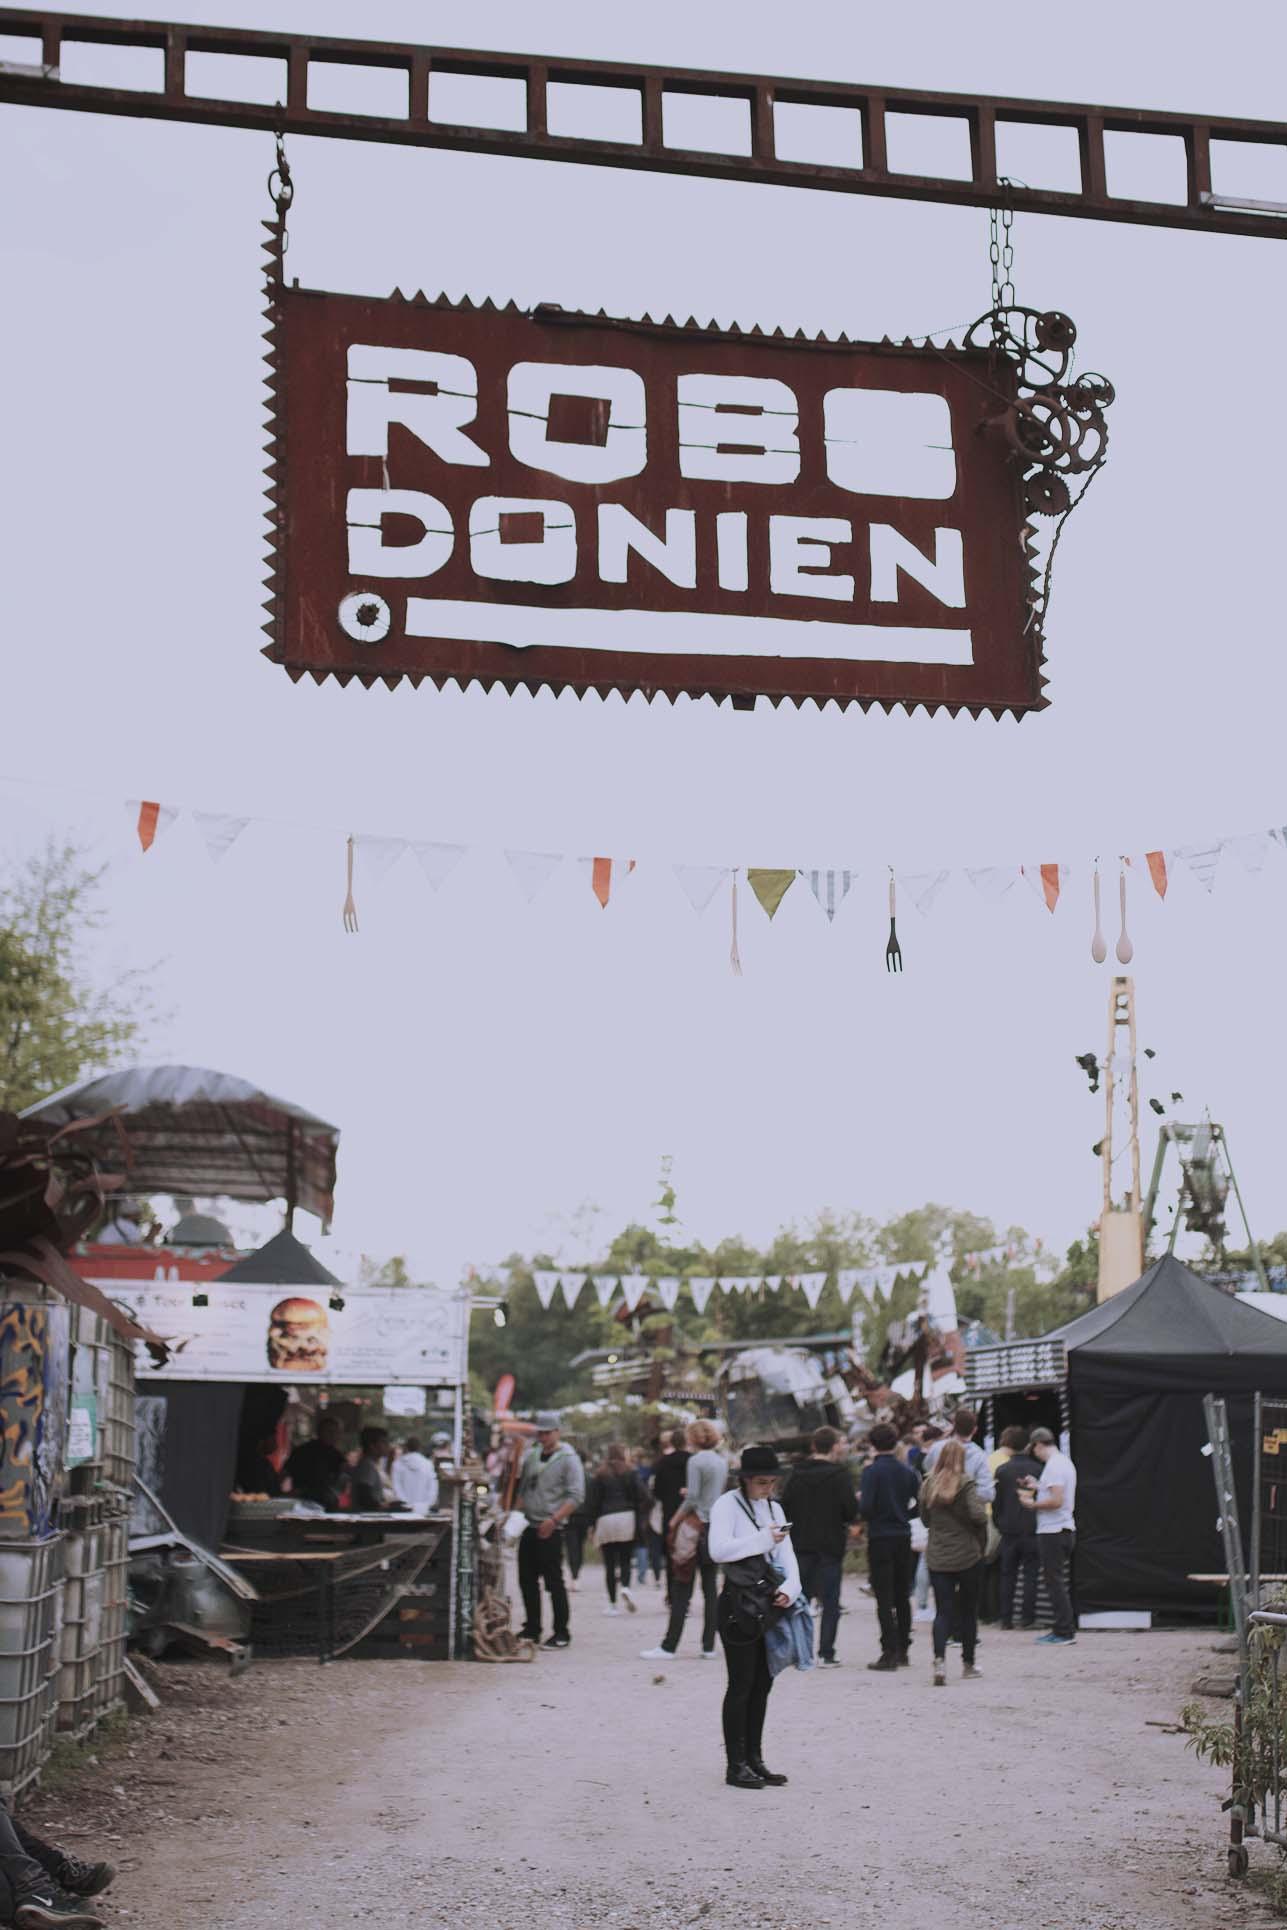 burgerfestival_wearecity_köln1.jpg